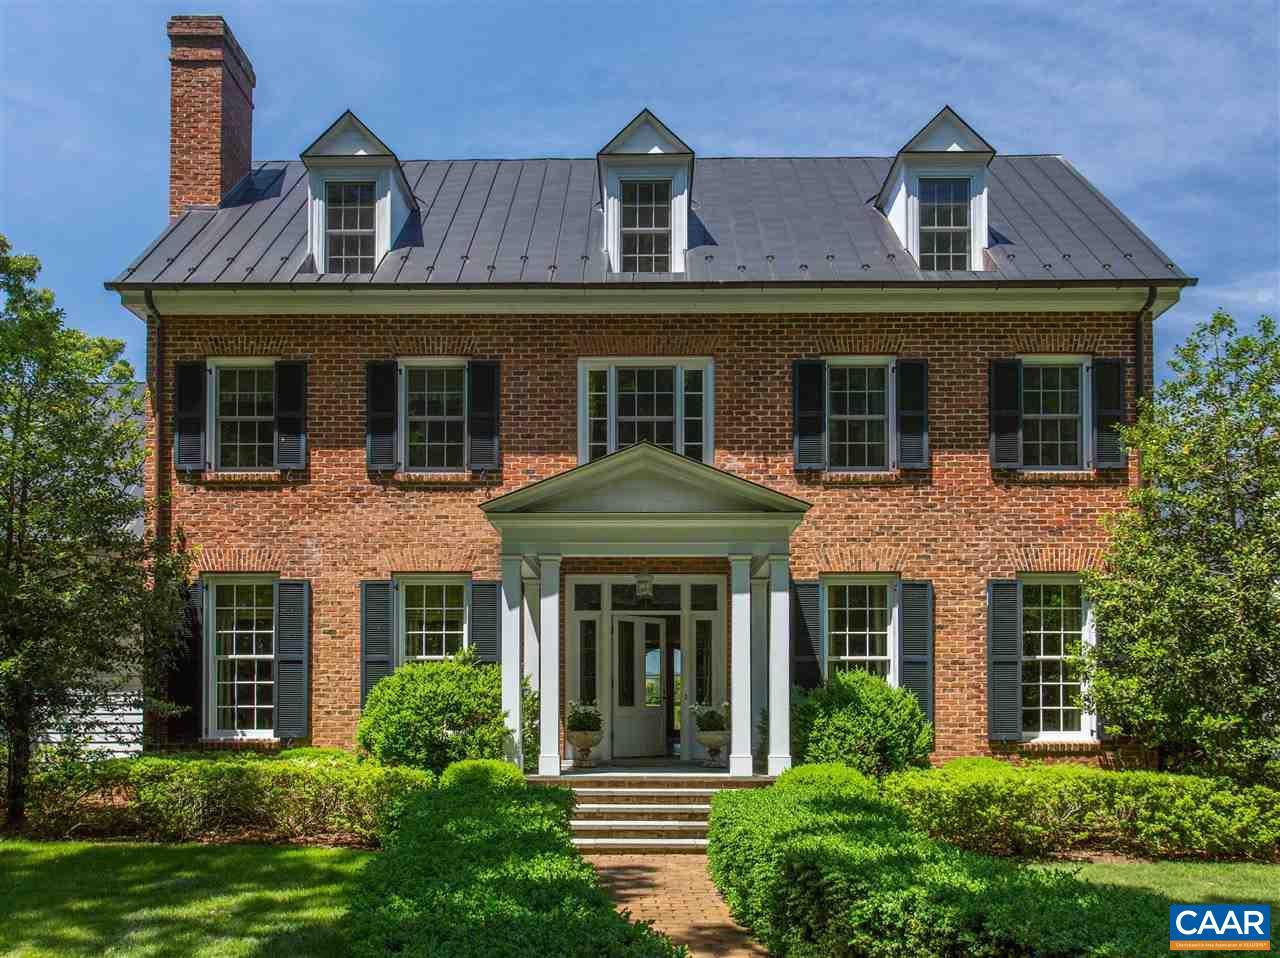 Charlottesville Virginia Real Estate, Charlottesville VA Real Estate, Virginia Homes for Sale